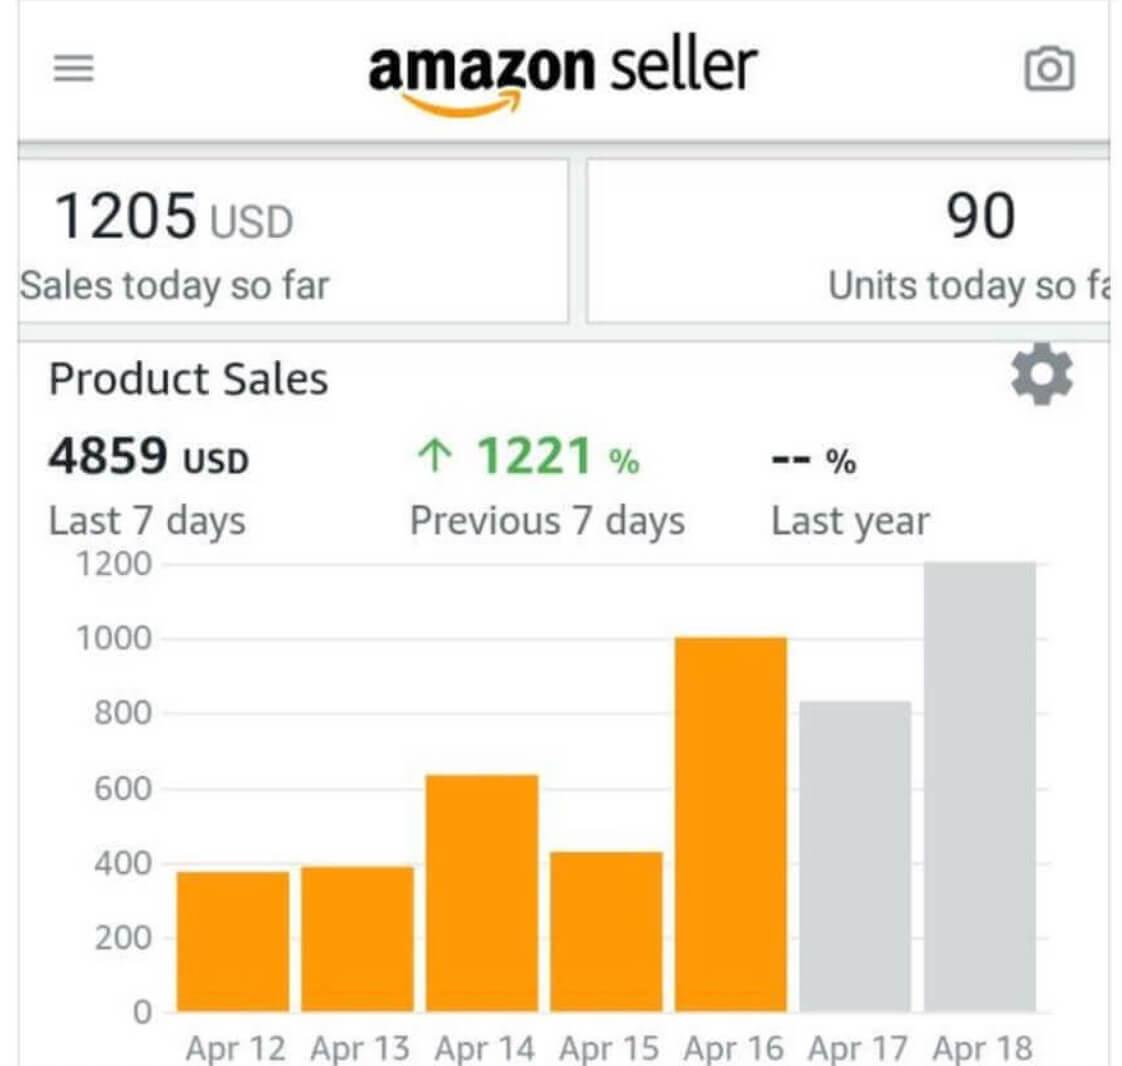 Member makes $4859 in 7 days